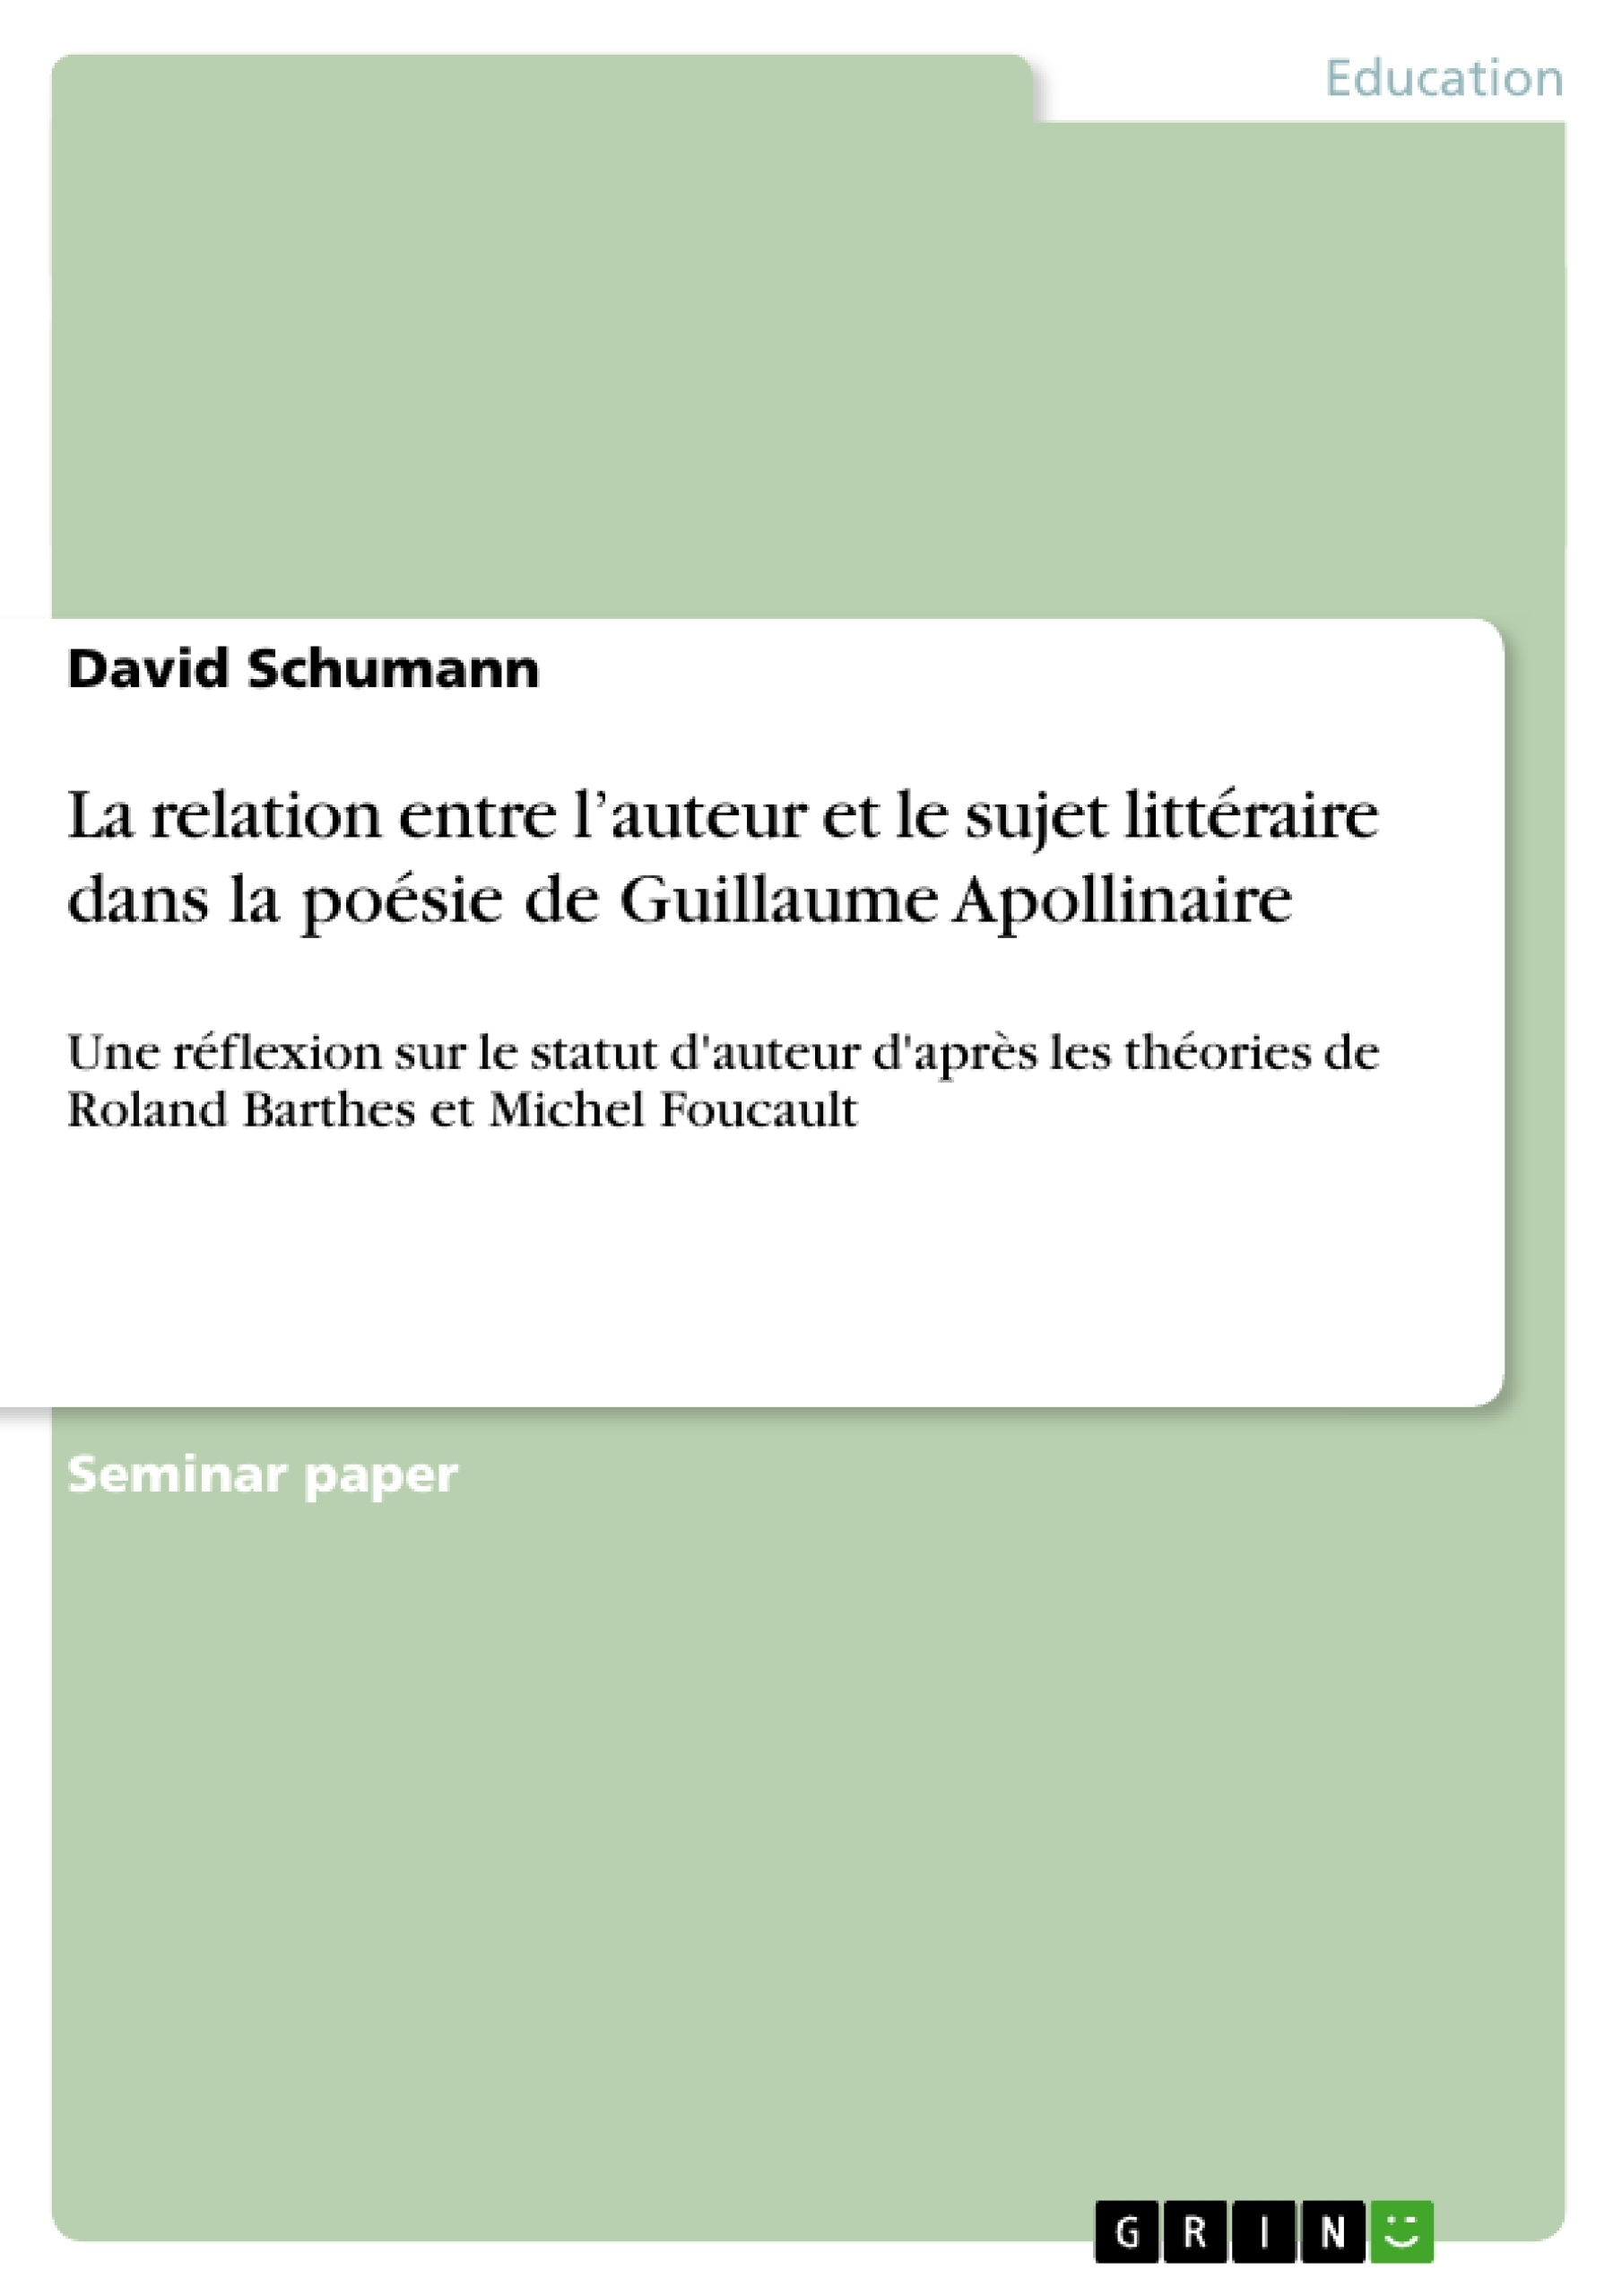 Titre: La relation entre l'auteur et le sujet littéraire dans la poésie de Guillaume Apollinaire